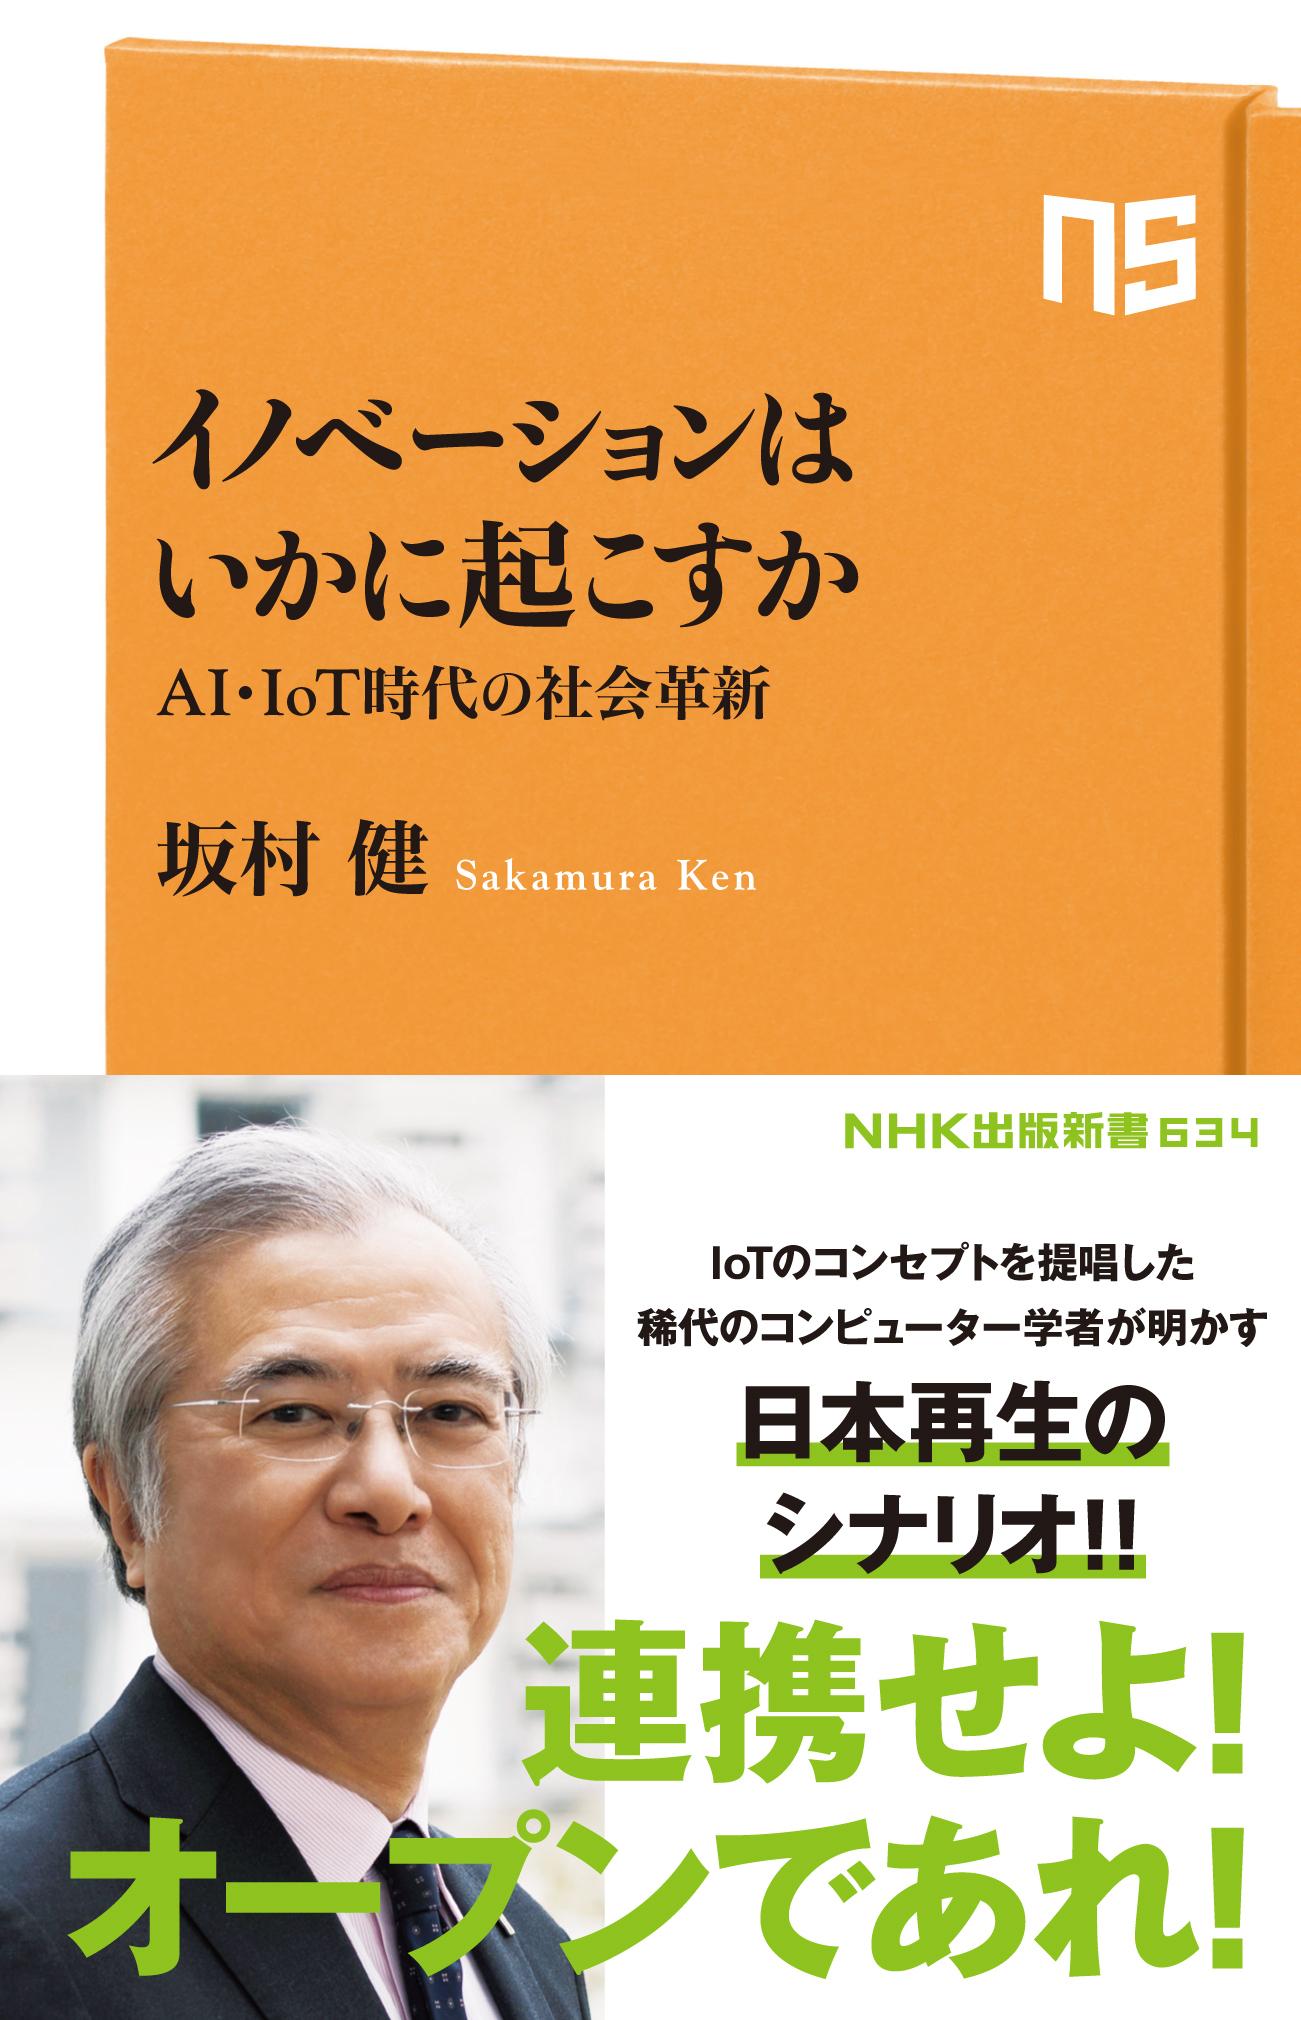 坂村会長の新刊「イノベーションはいかに起こすか──AI・IoT時代の社会革新」発売